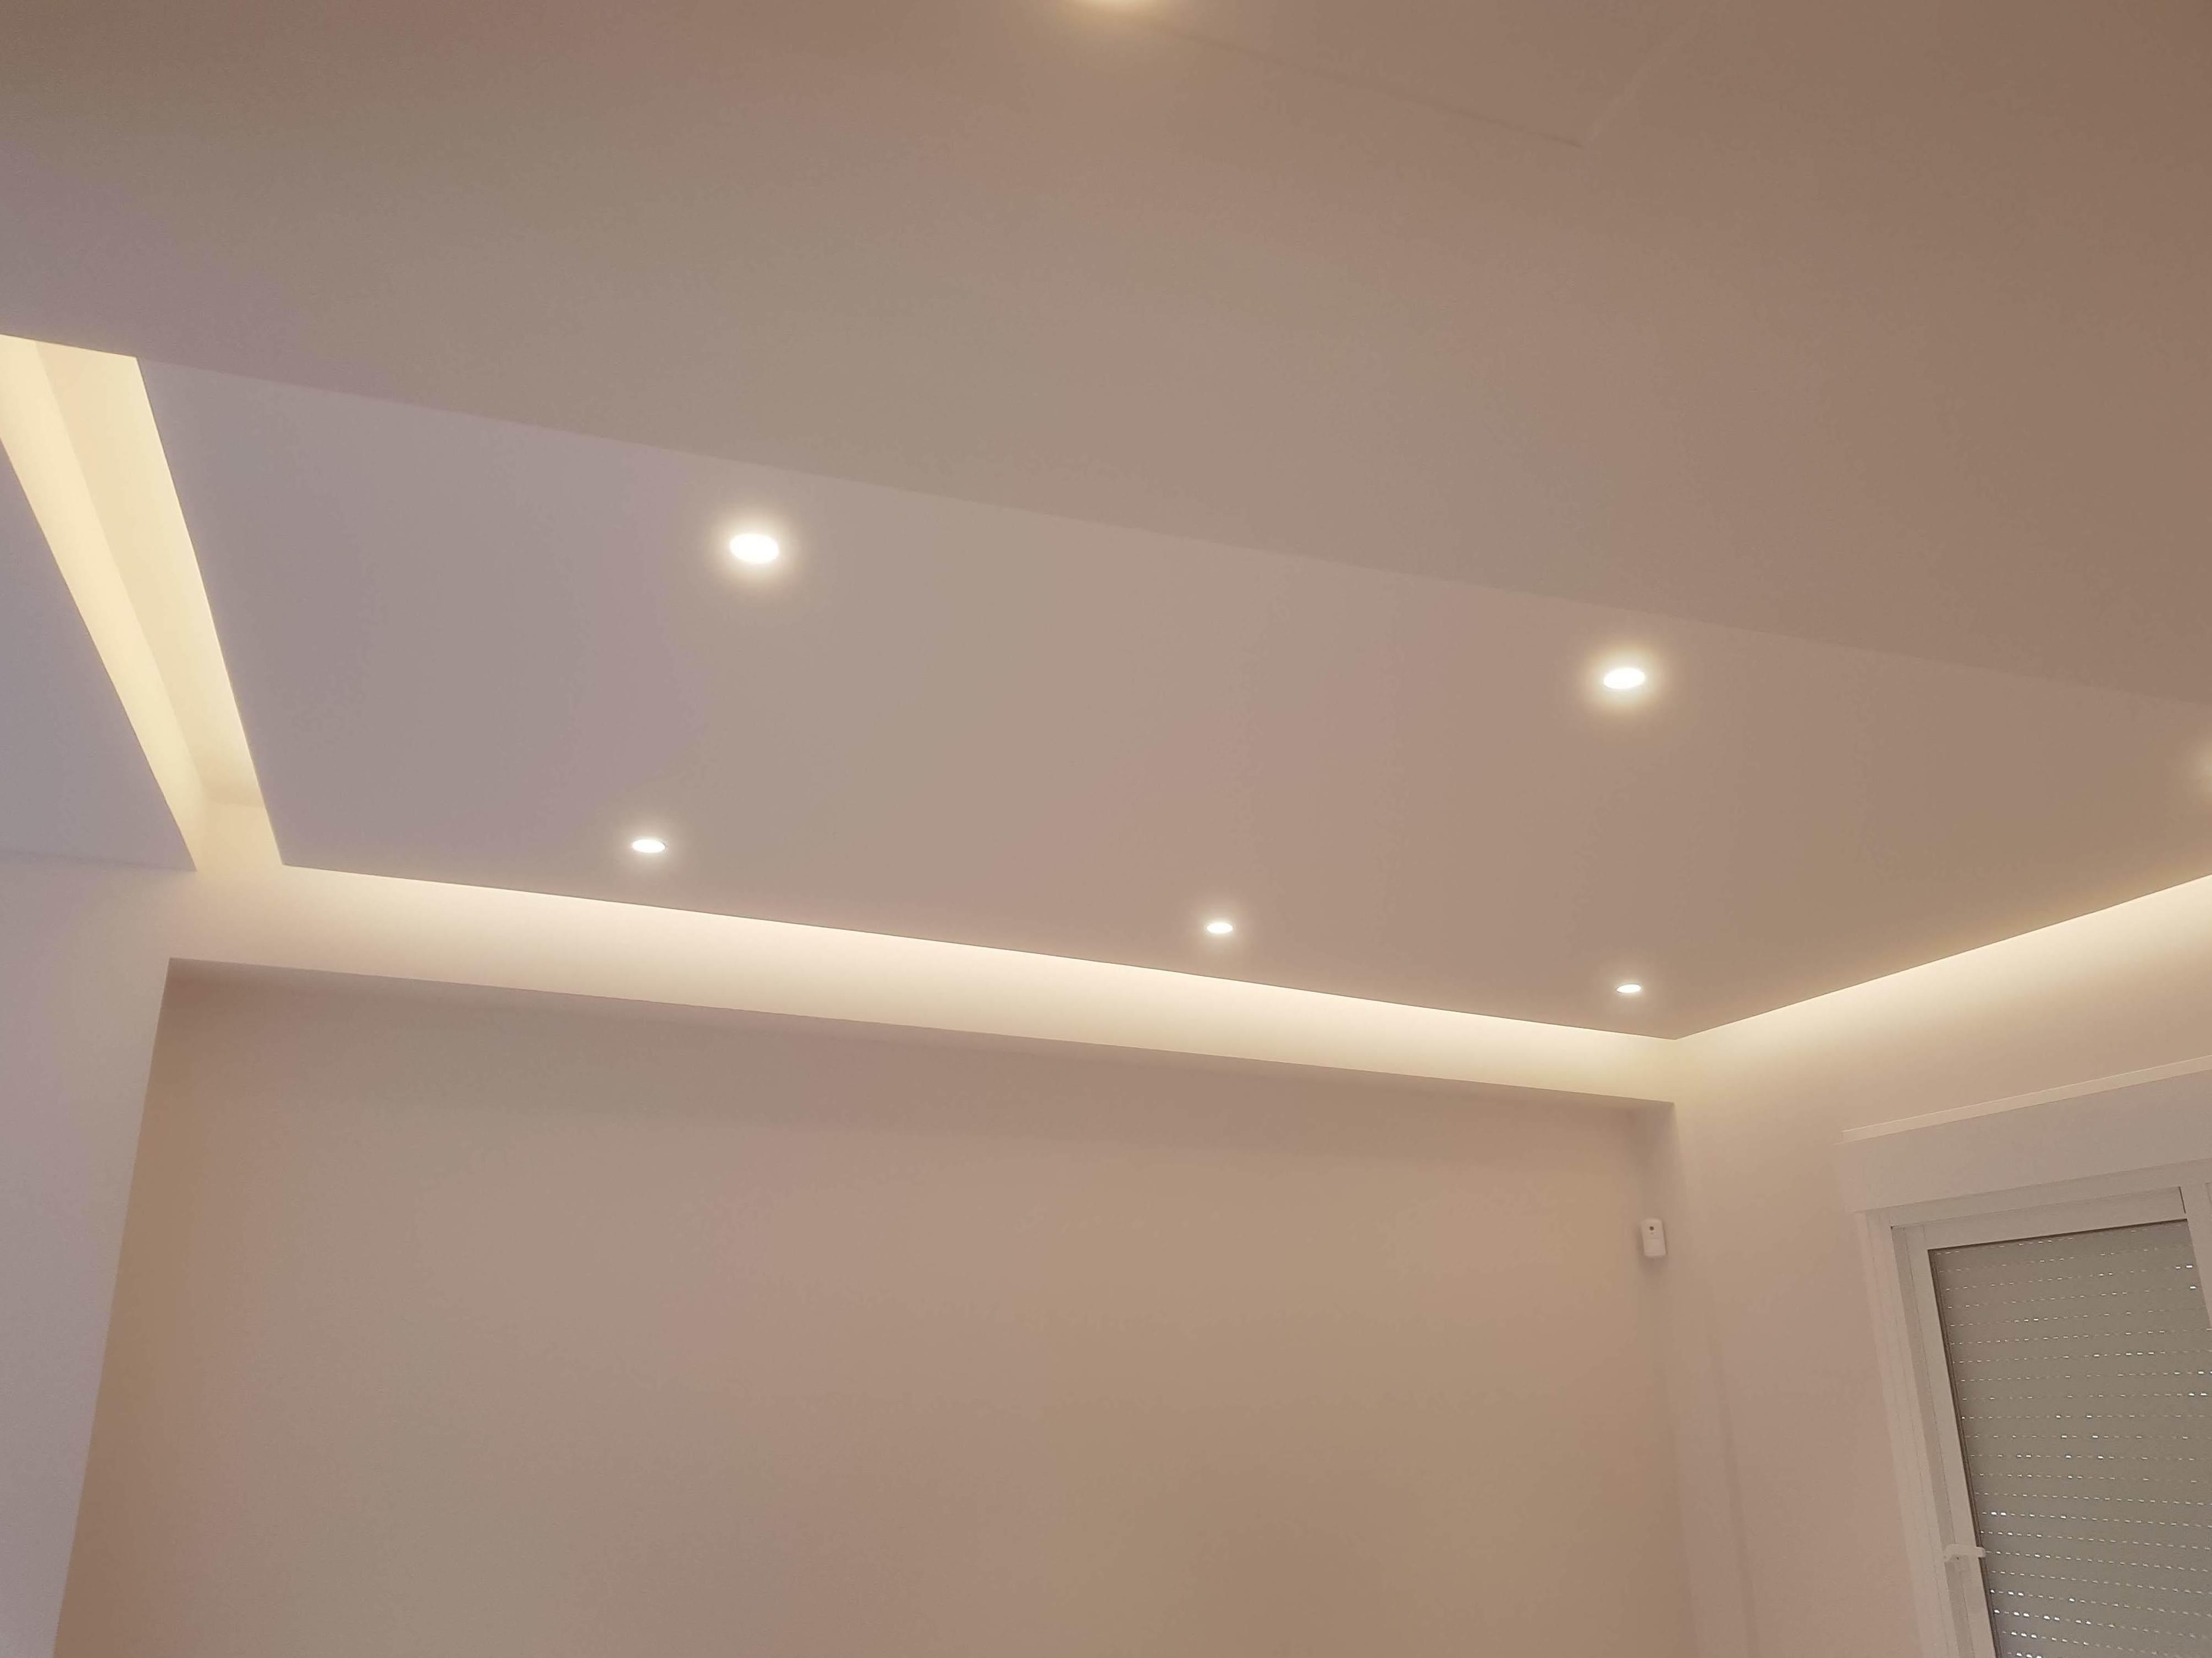 luz indirecta en falso techo